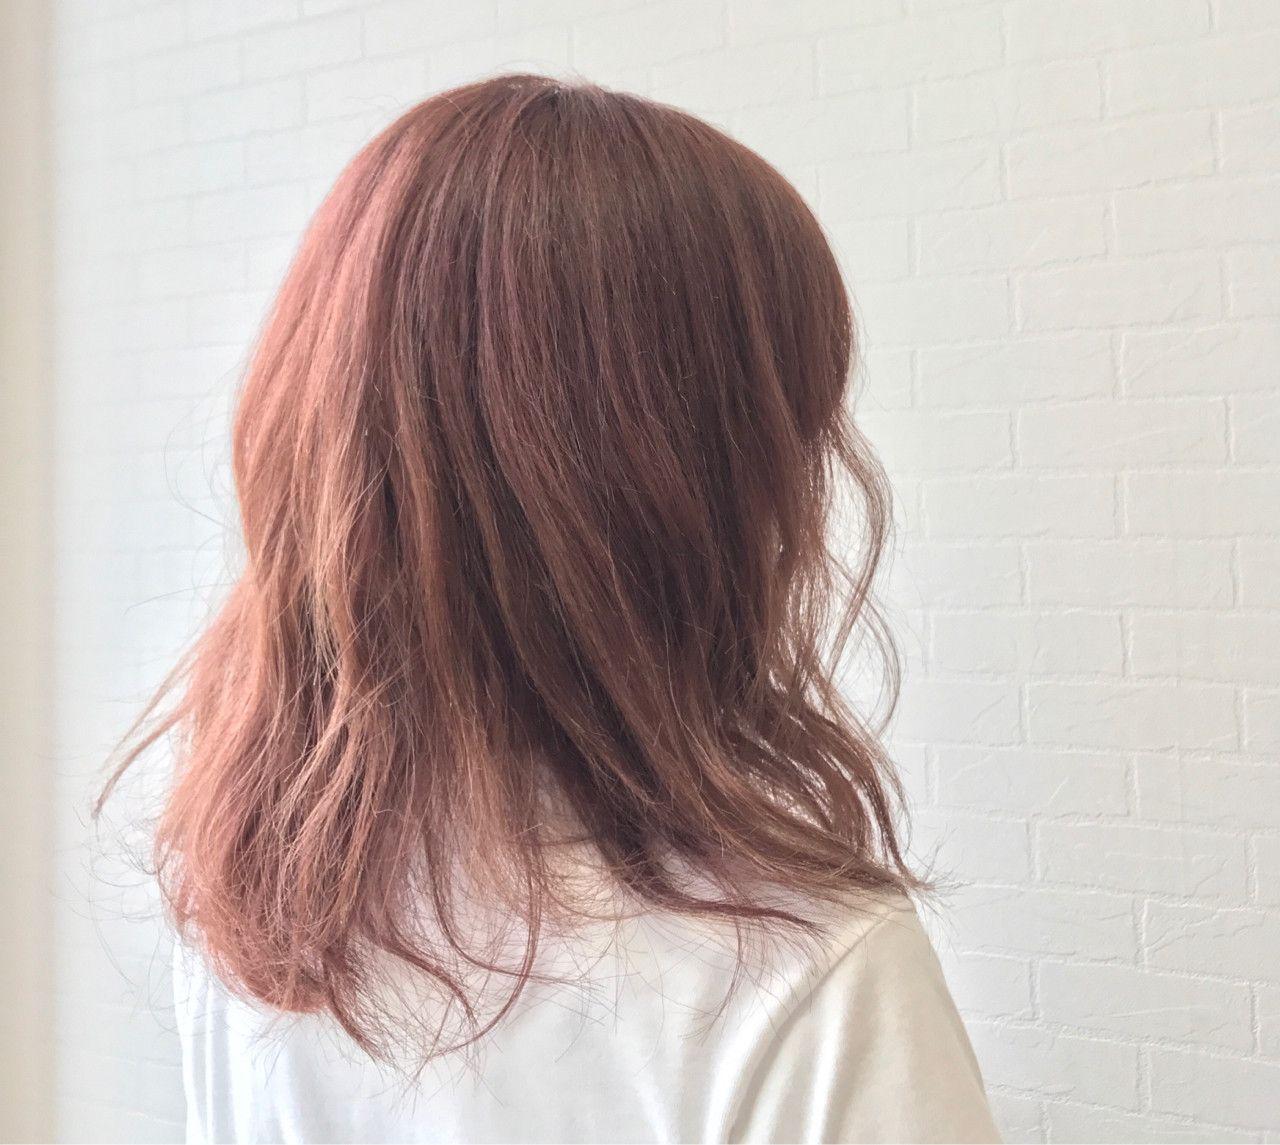 ピンクベージュヘアカラーでモテ髪に ブリーチありなしも比較 2020